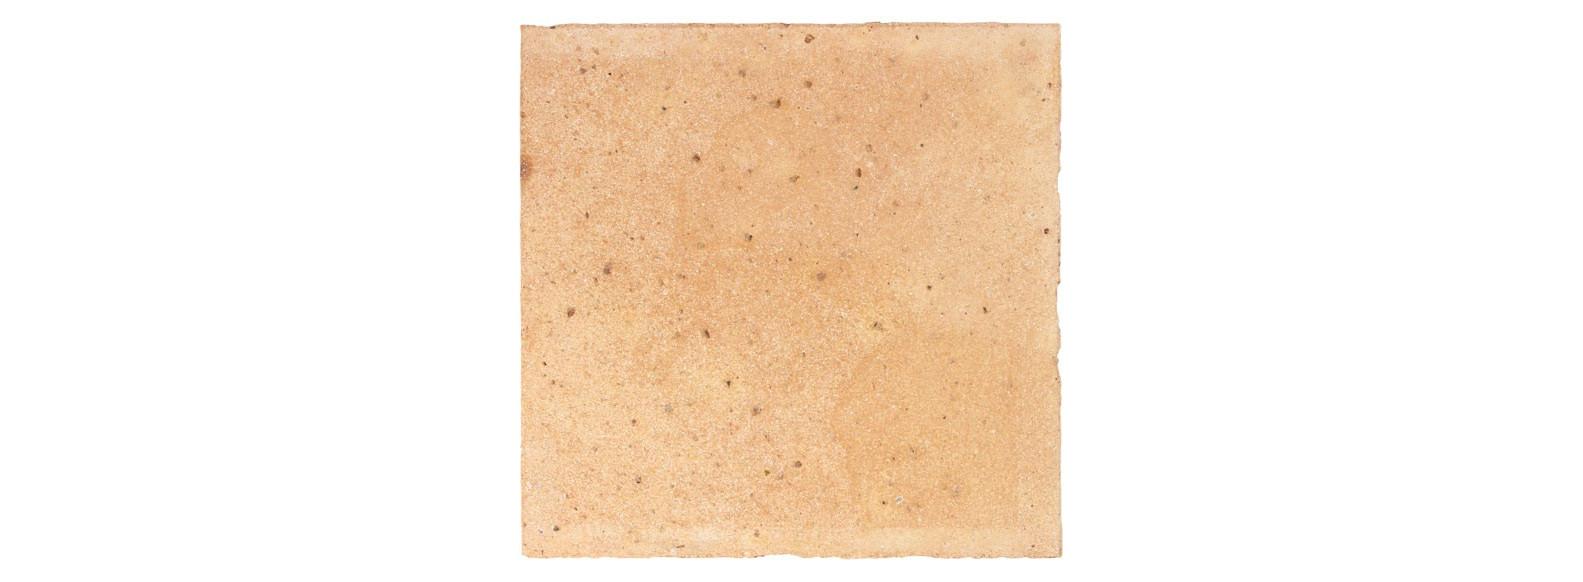 échantillon de terre cuite d'Histoire - Sable rosé clair